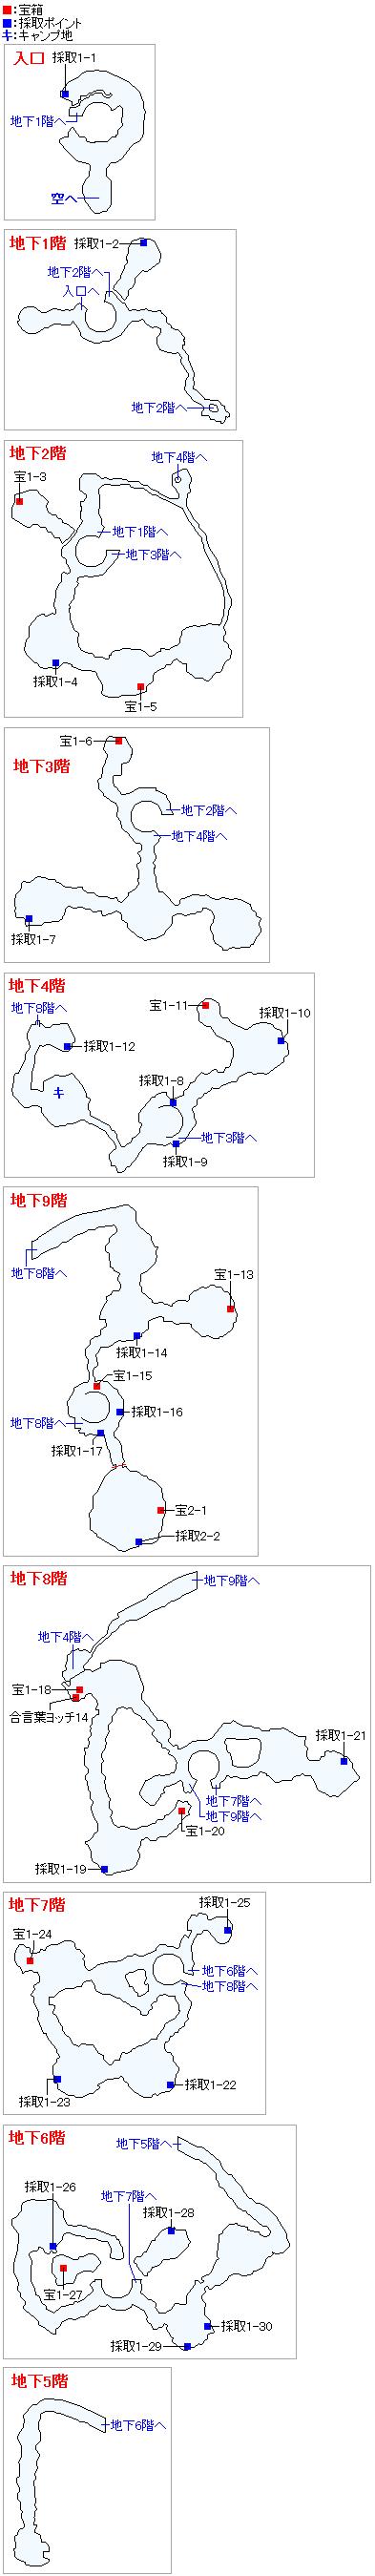 天空の古戦場(Switch3DとPS4)のマップ画像